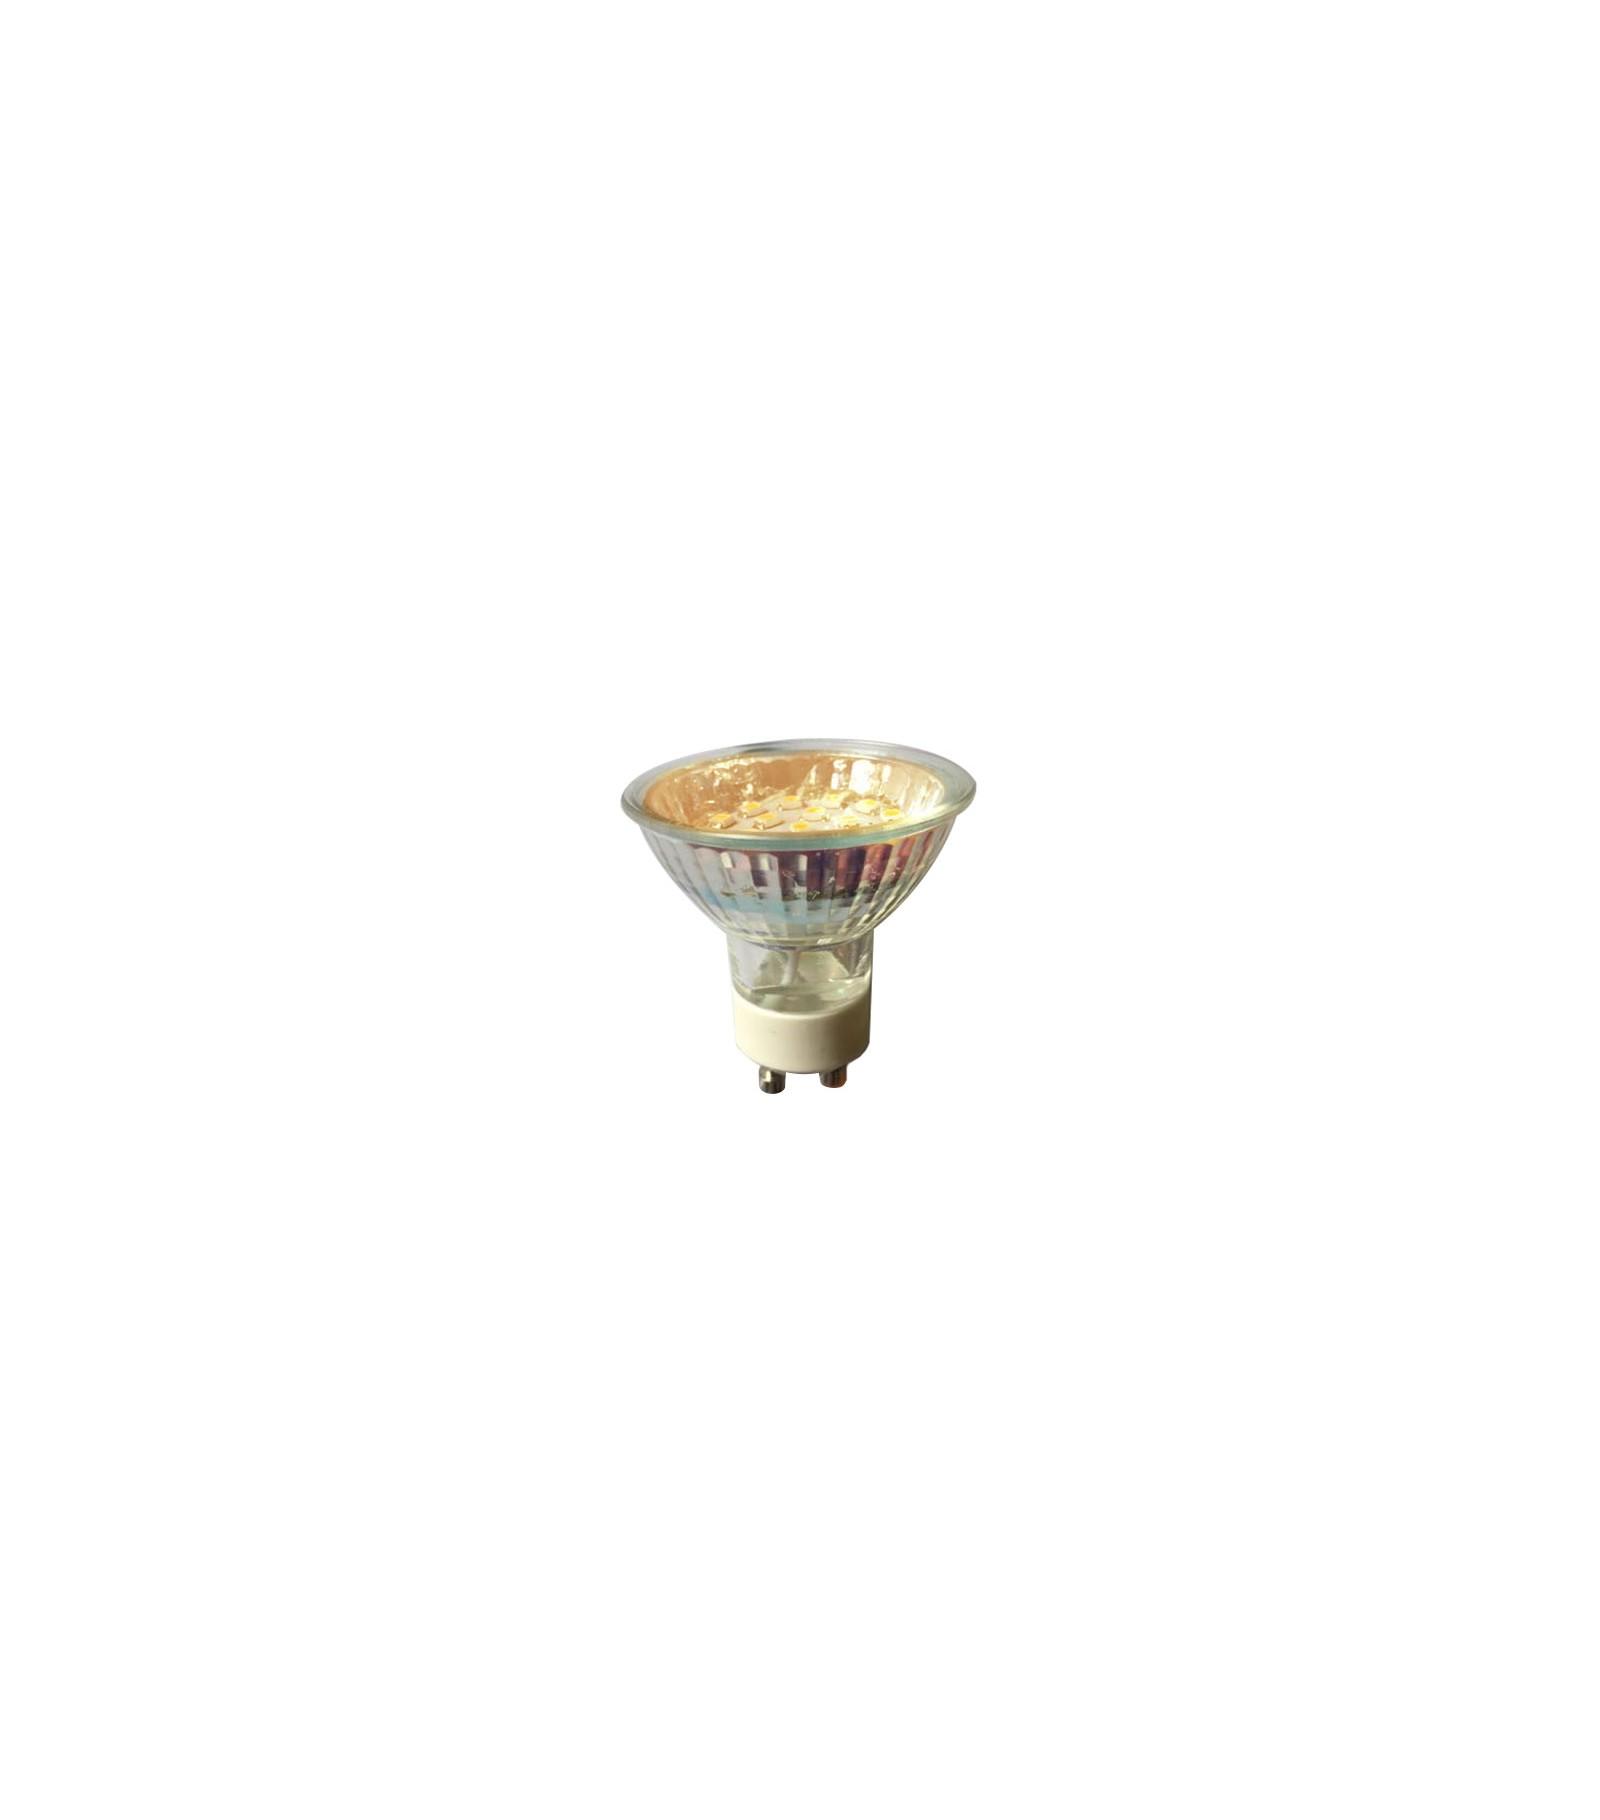 Mr16 Led Orange: Ampoule LED GU10 MR16 1W (équiv 10W) Orange 120° IP20